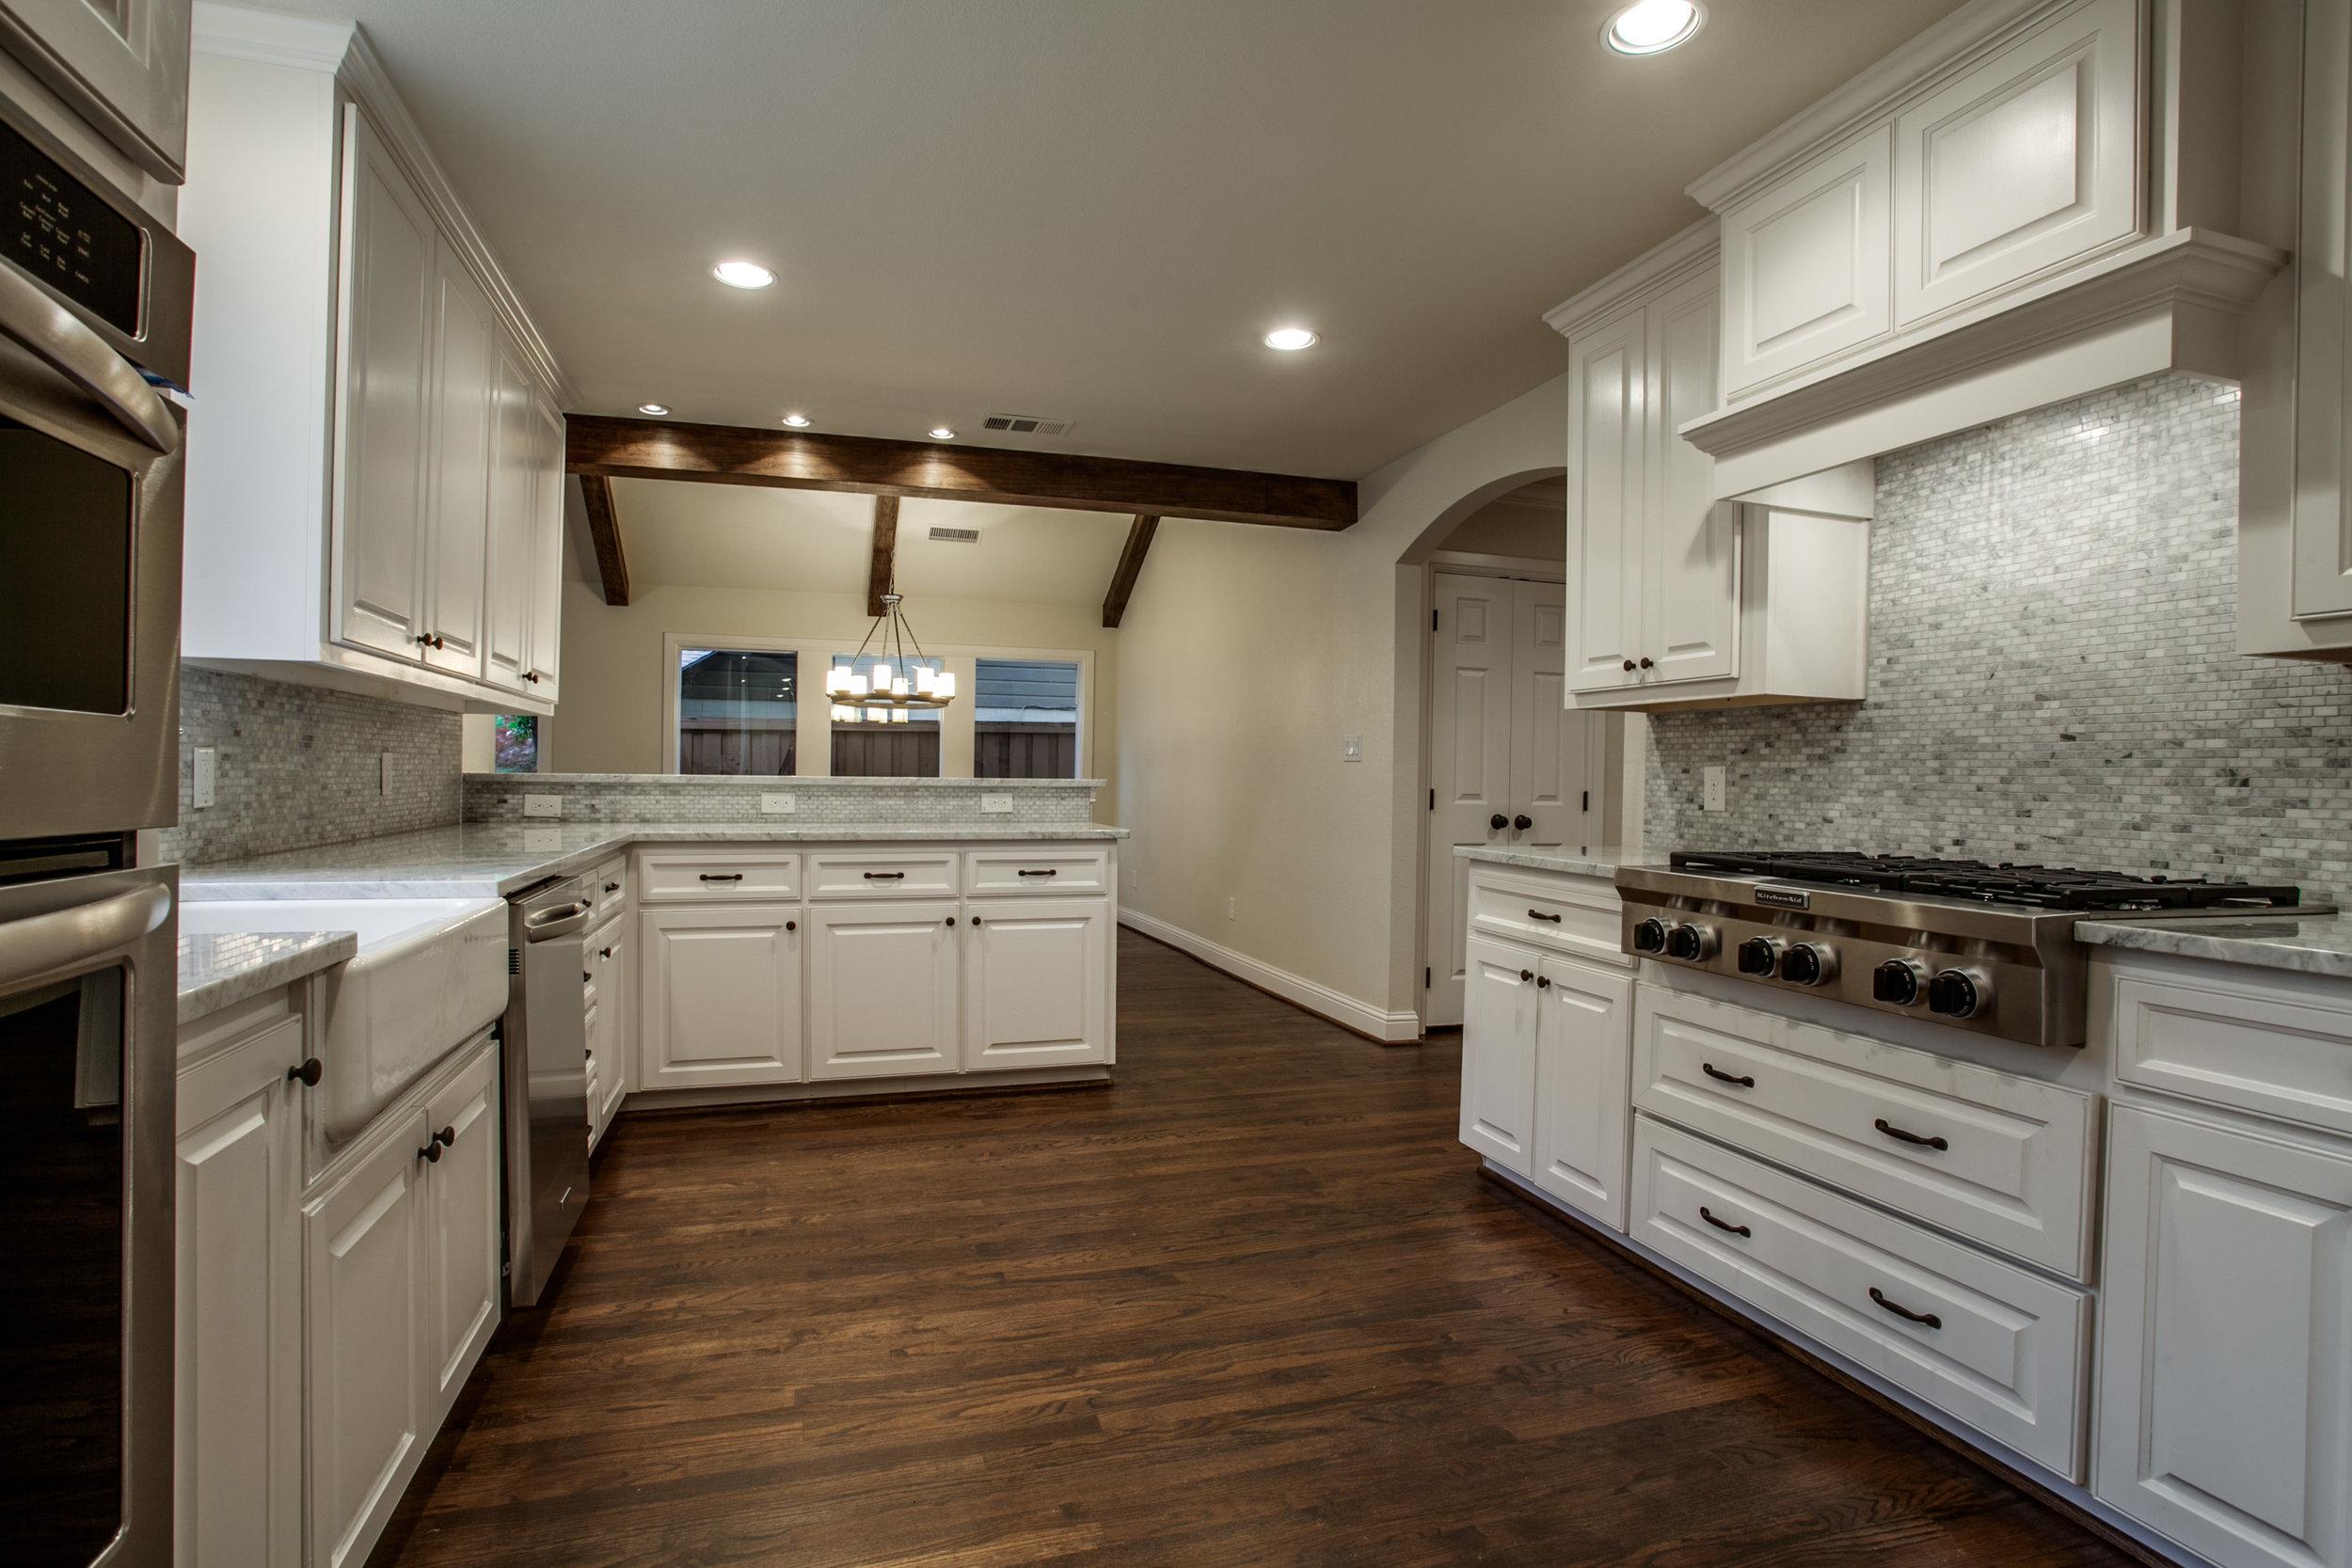 424 allison kitchen AFTER.jpg